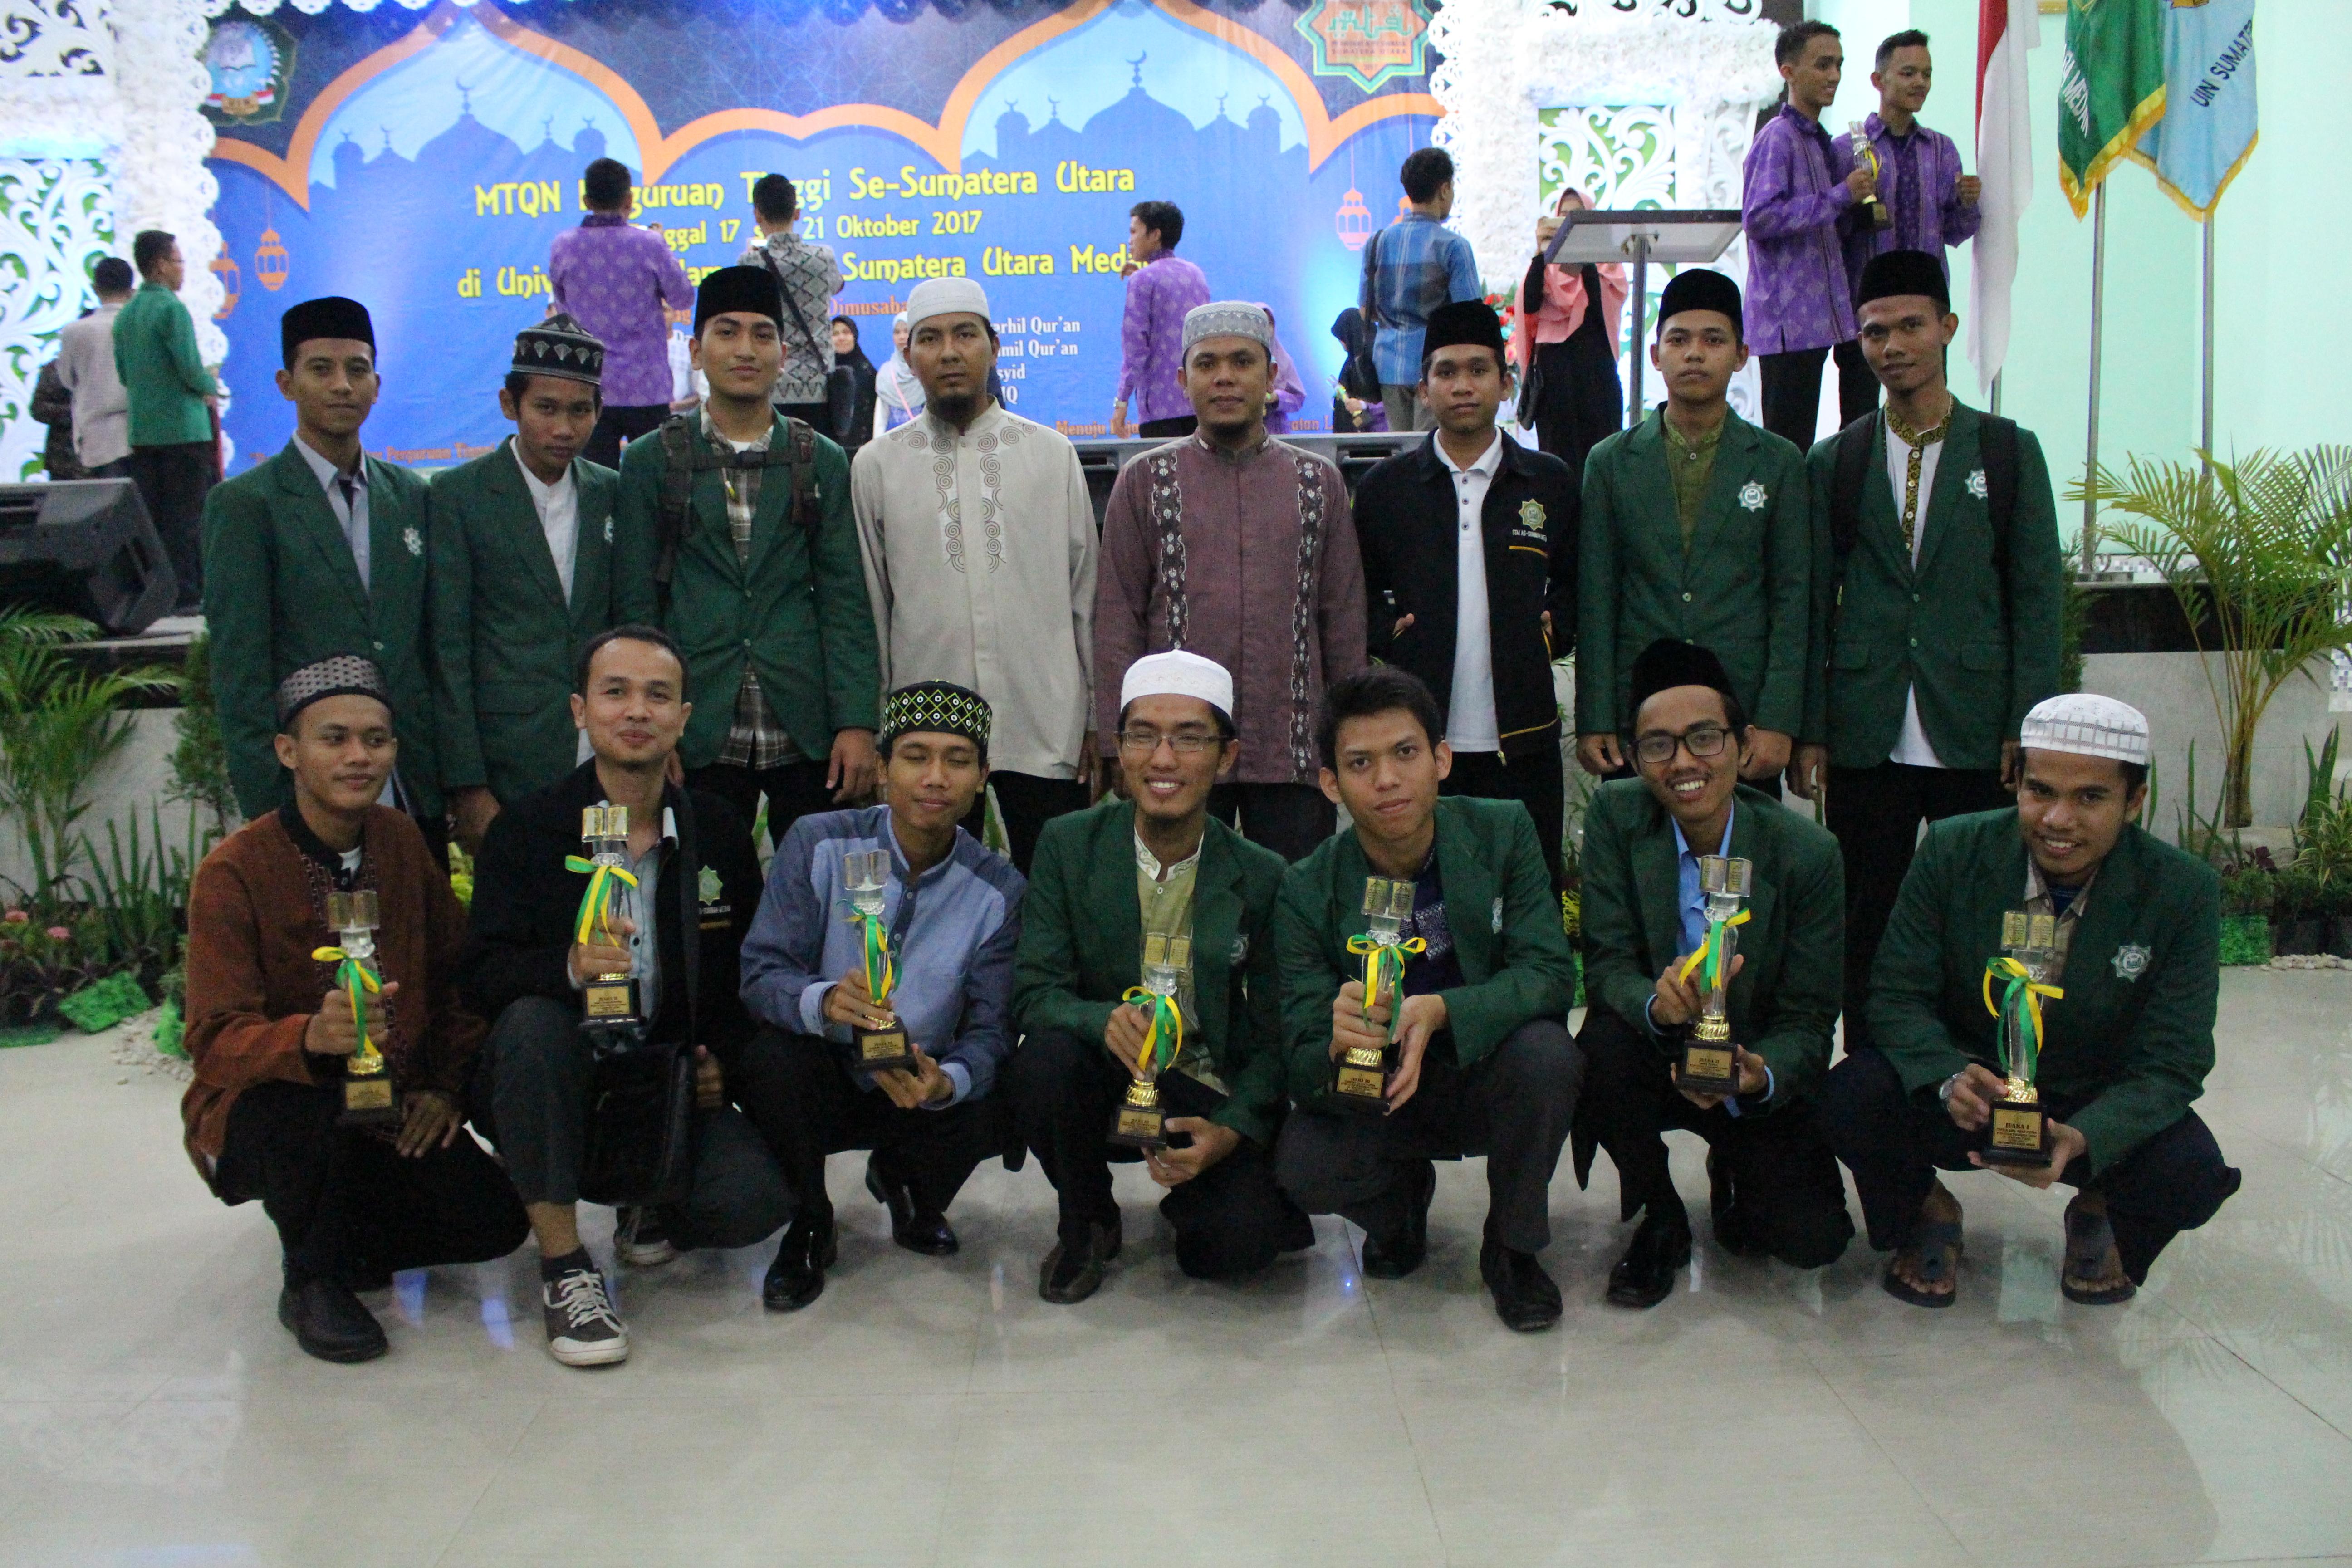 المسابقة القرآنية بين جامعات منطقة سومطرة